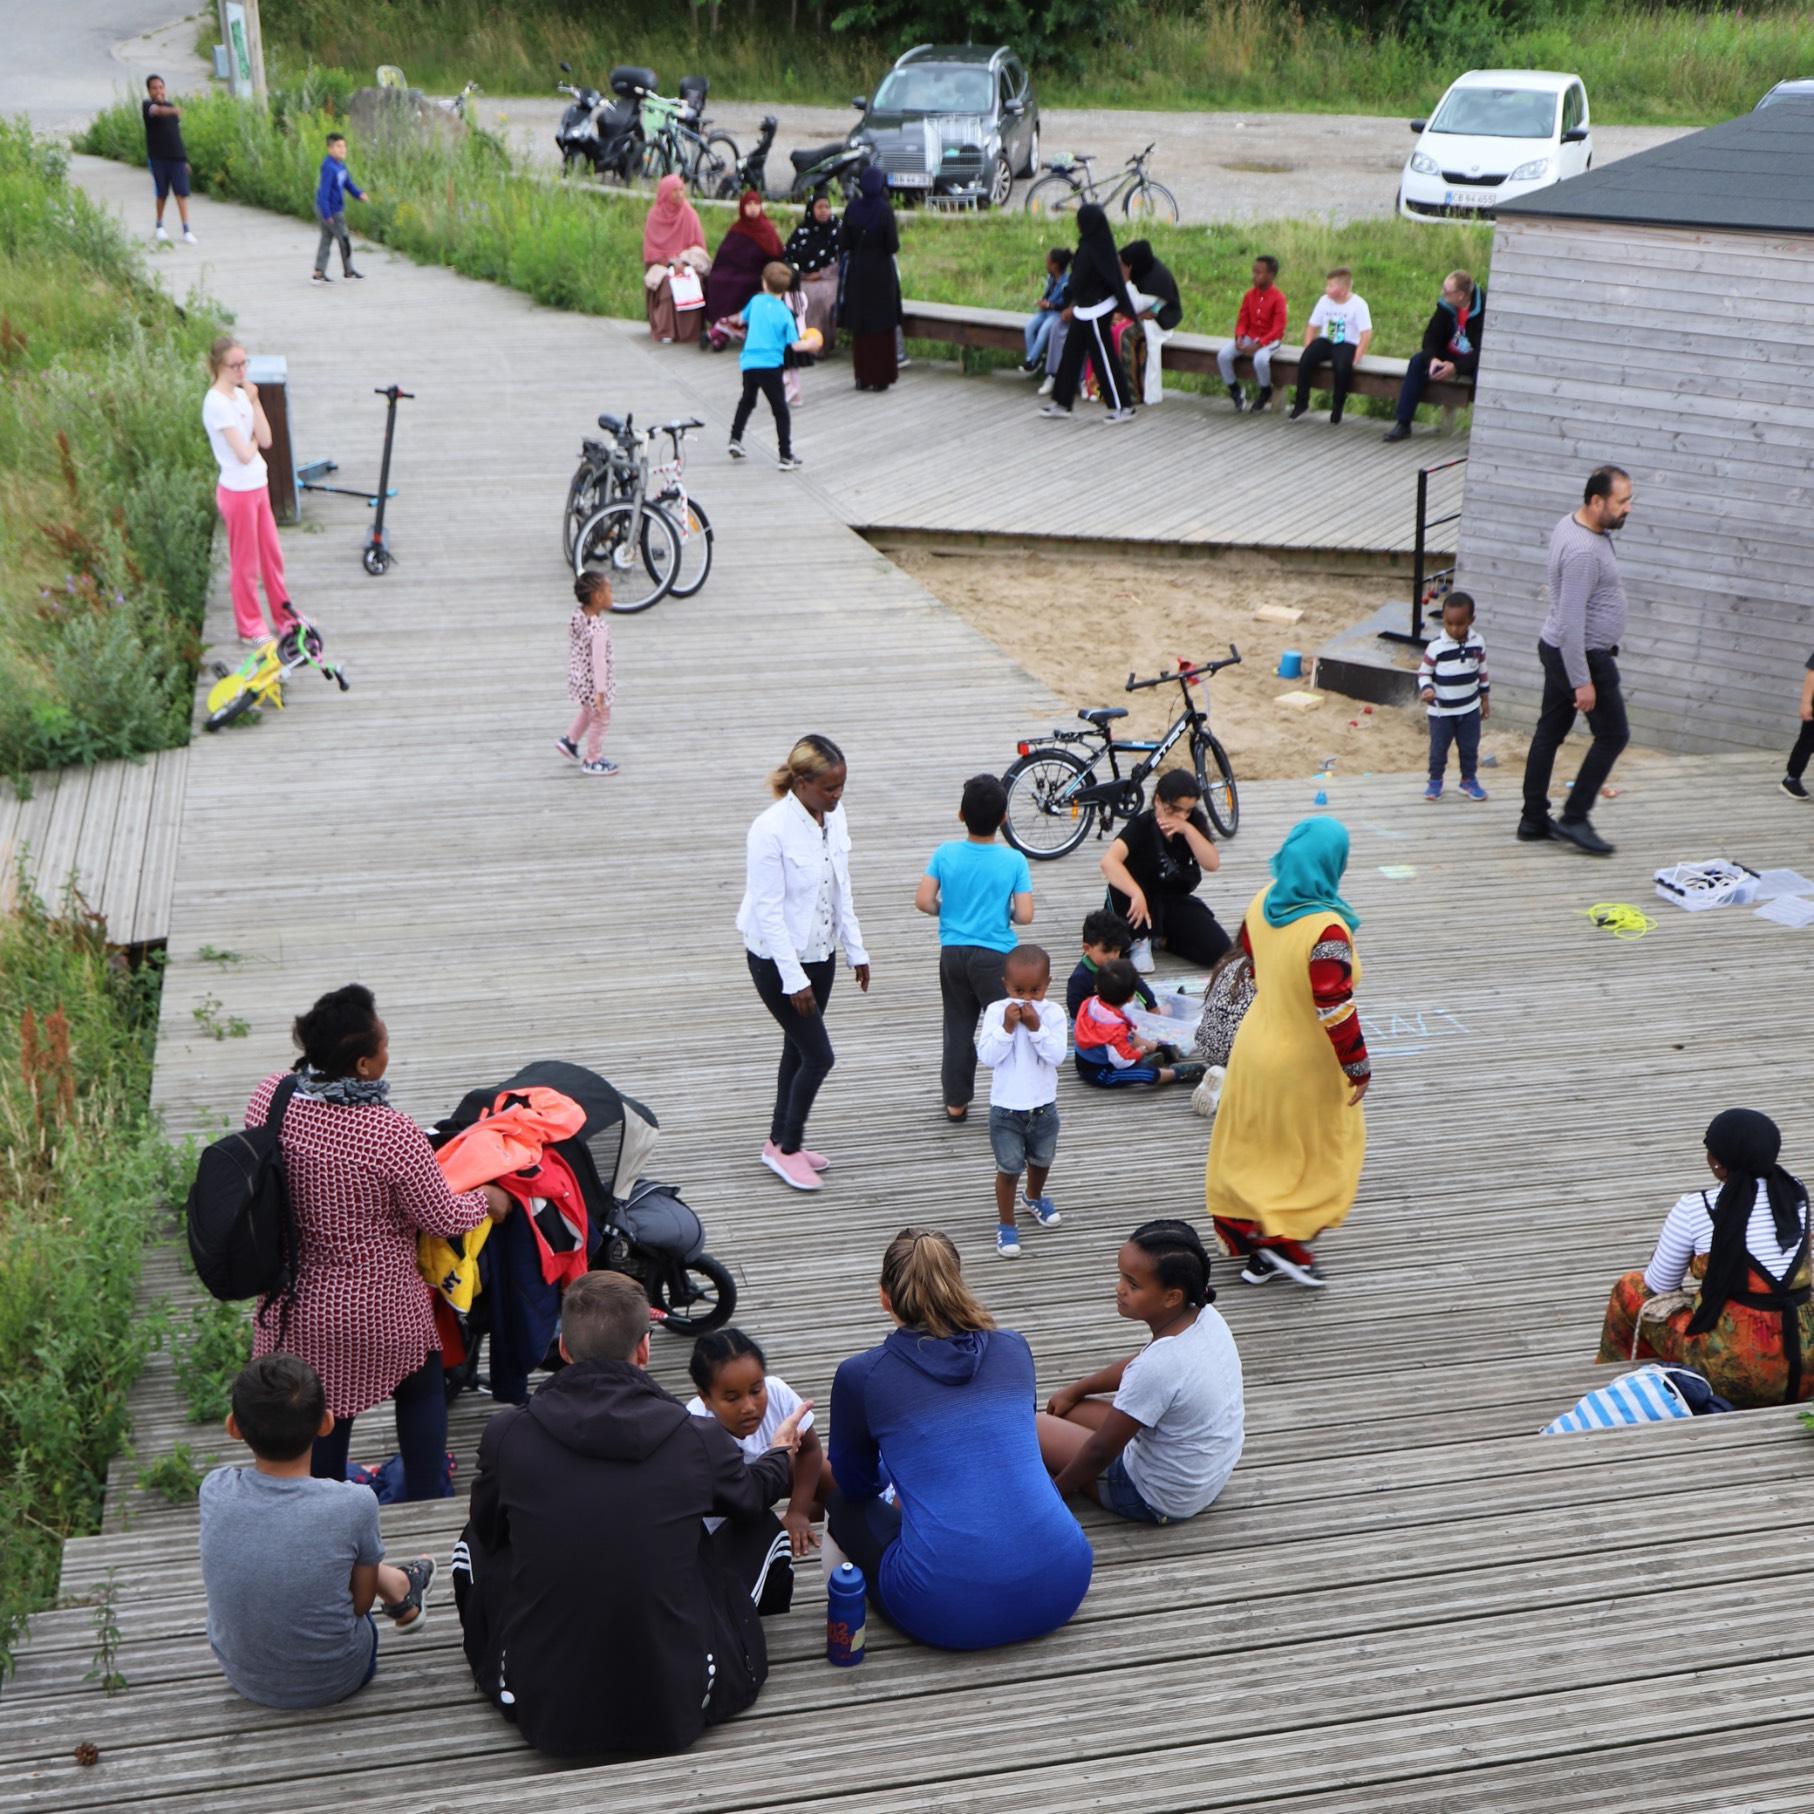 En stor gruppe mennesker, børn som vokse, er forsamlet uden for Myretuen.